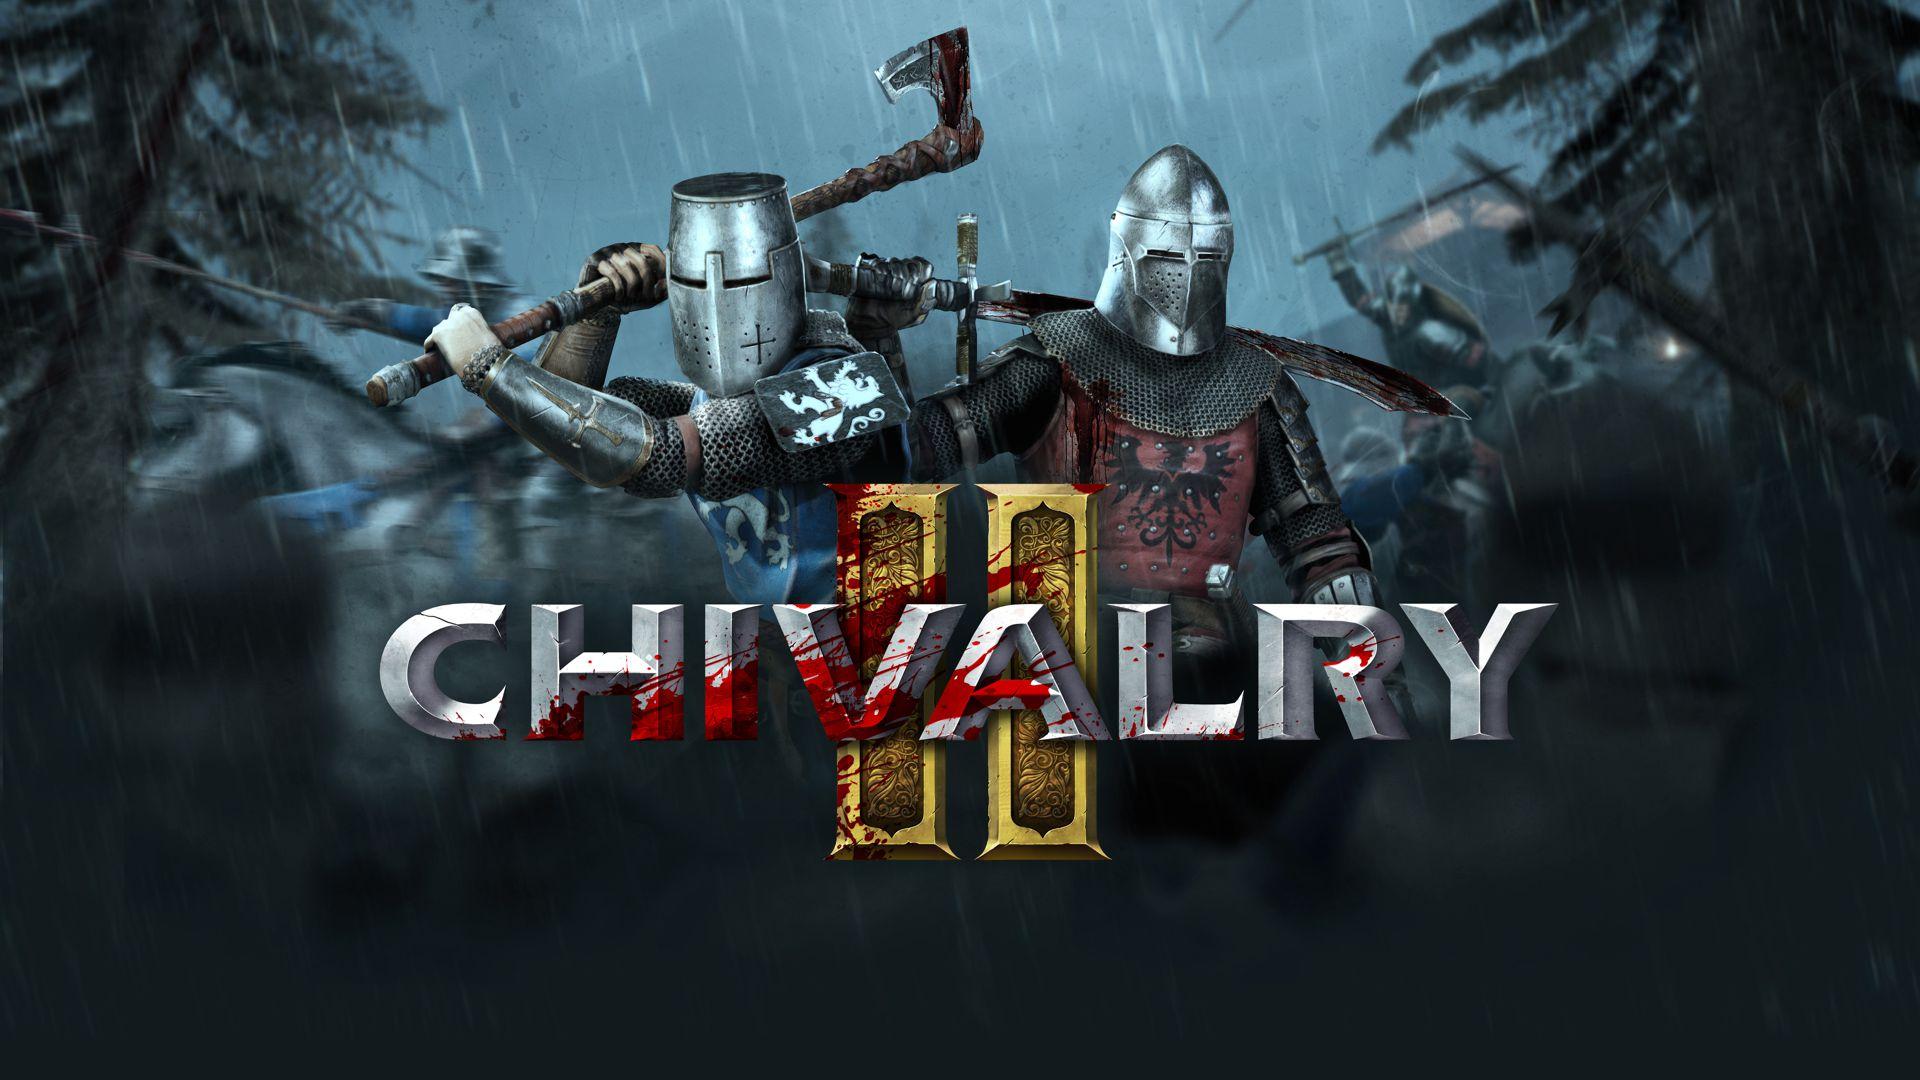 Los combates medievales de Chivalry 2 llegan a la actual y a la próxima generación de consolas | Noticias | GameProTV